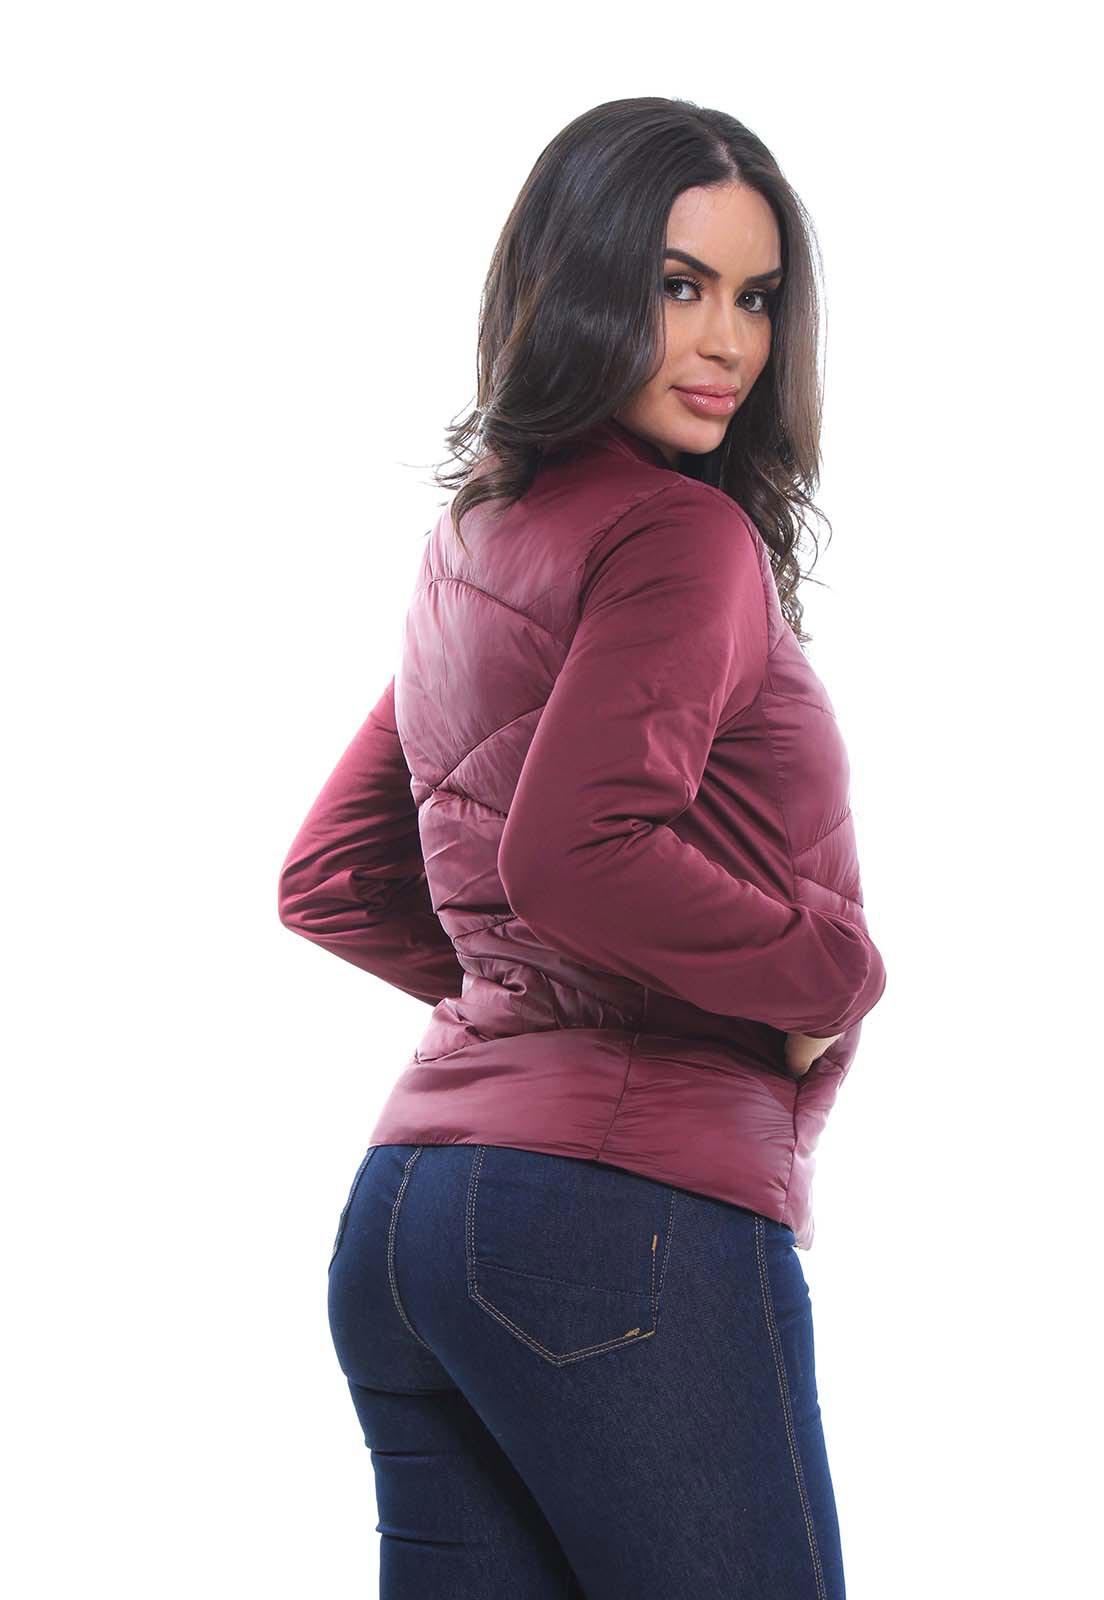 Jaqueta Feminina Crocker - 47453  - CROCKER JEANS